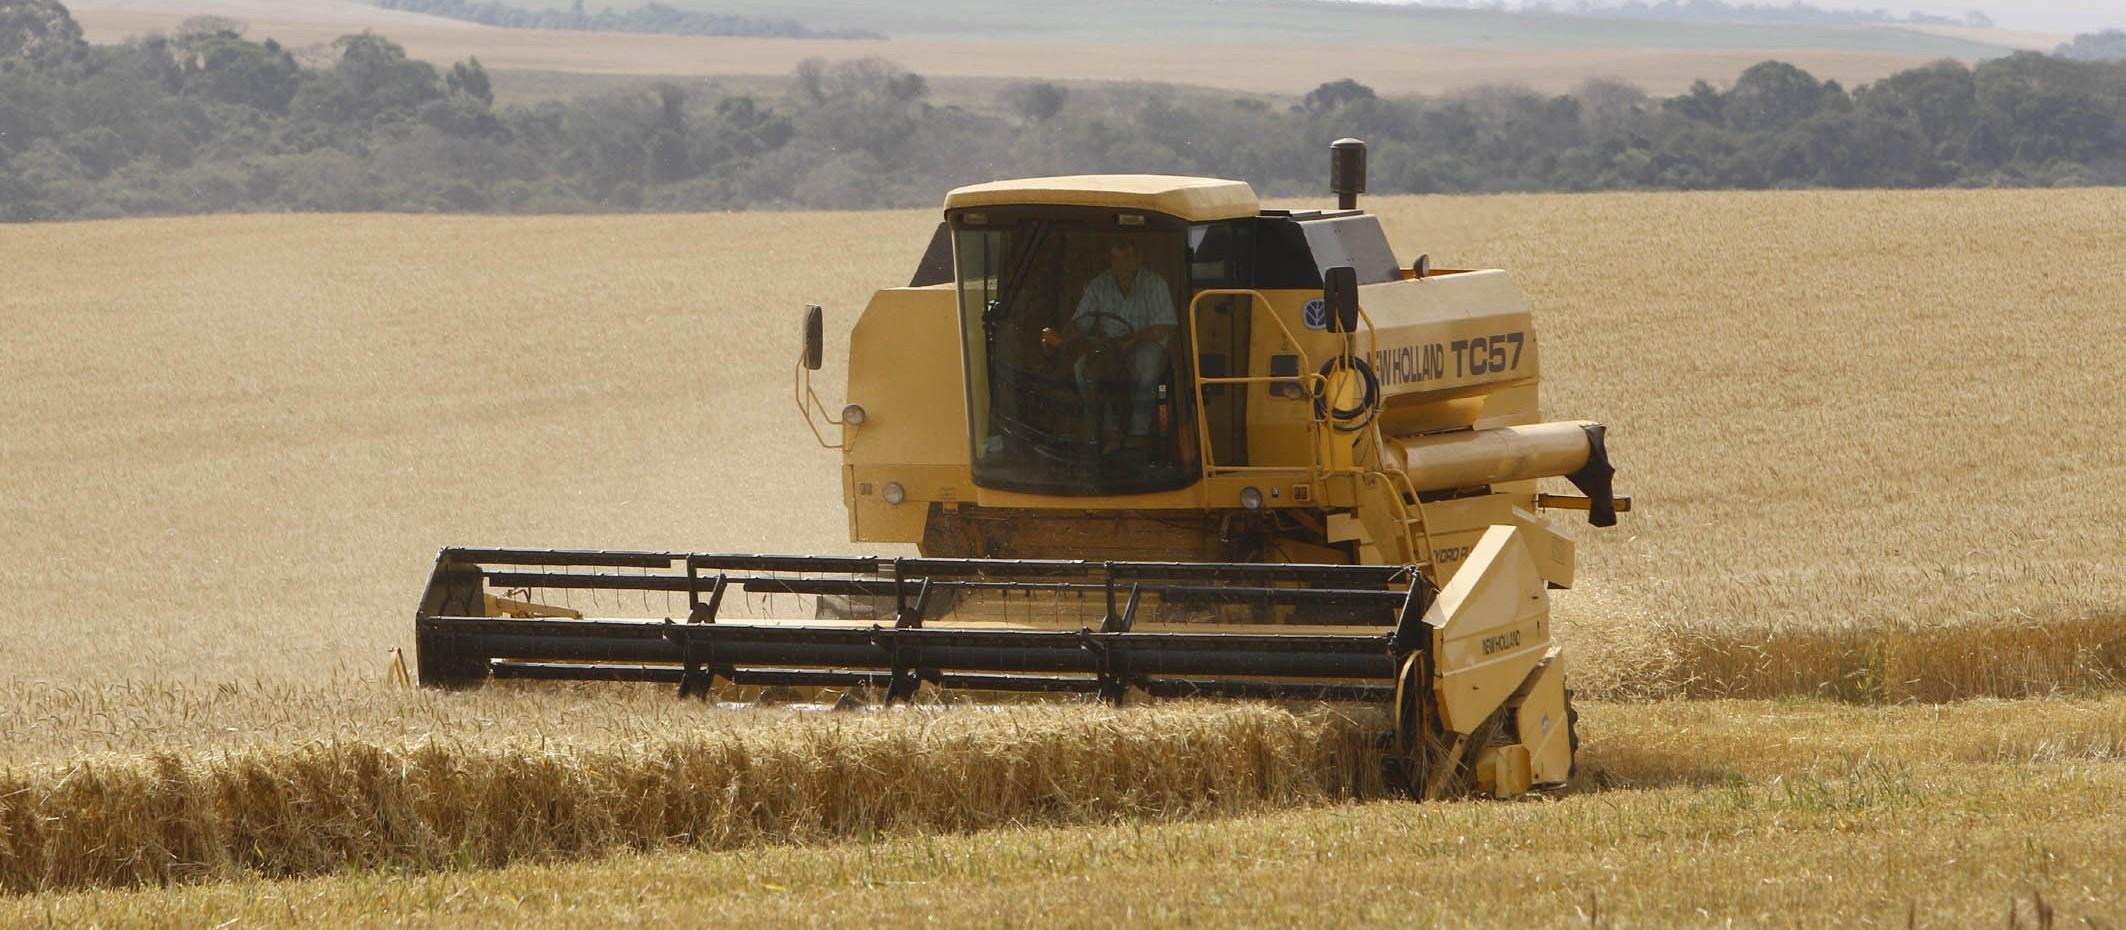 Seguro Rural: o que aconteceu neste ano e o que está previsto para 2020